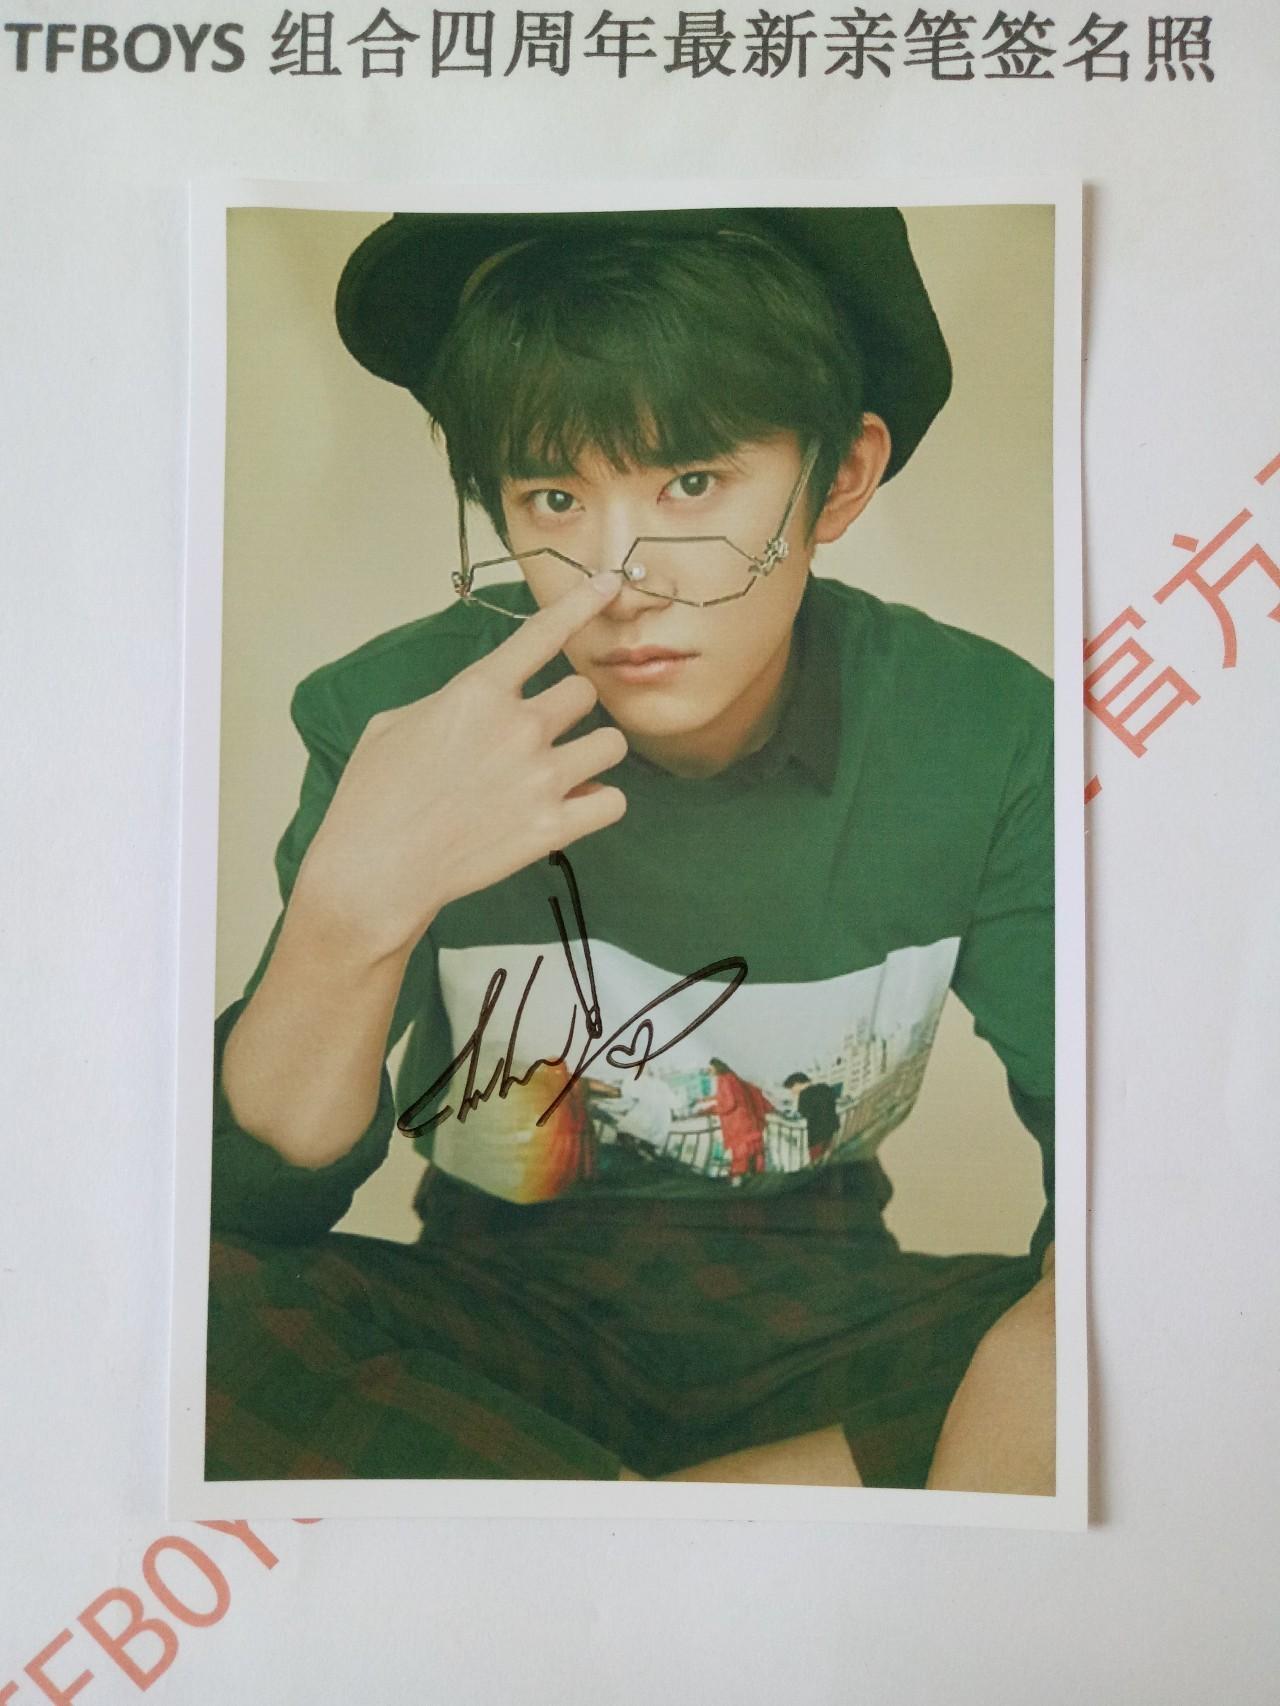 王俊凯,易烊千玺最新四周年亲笔签名照;免费领取啦图片